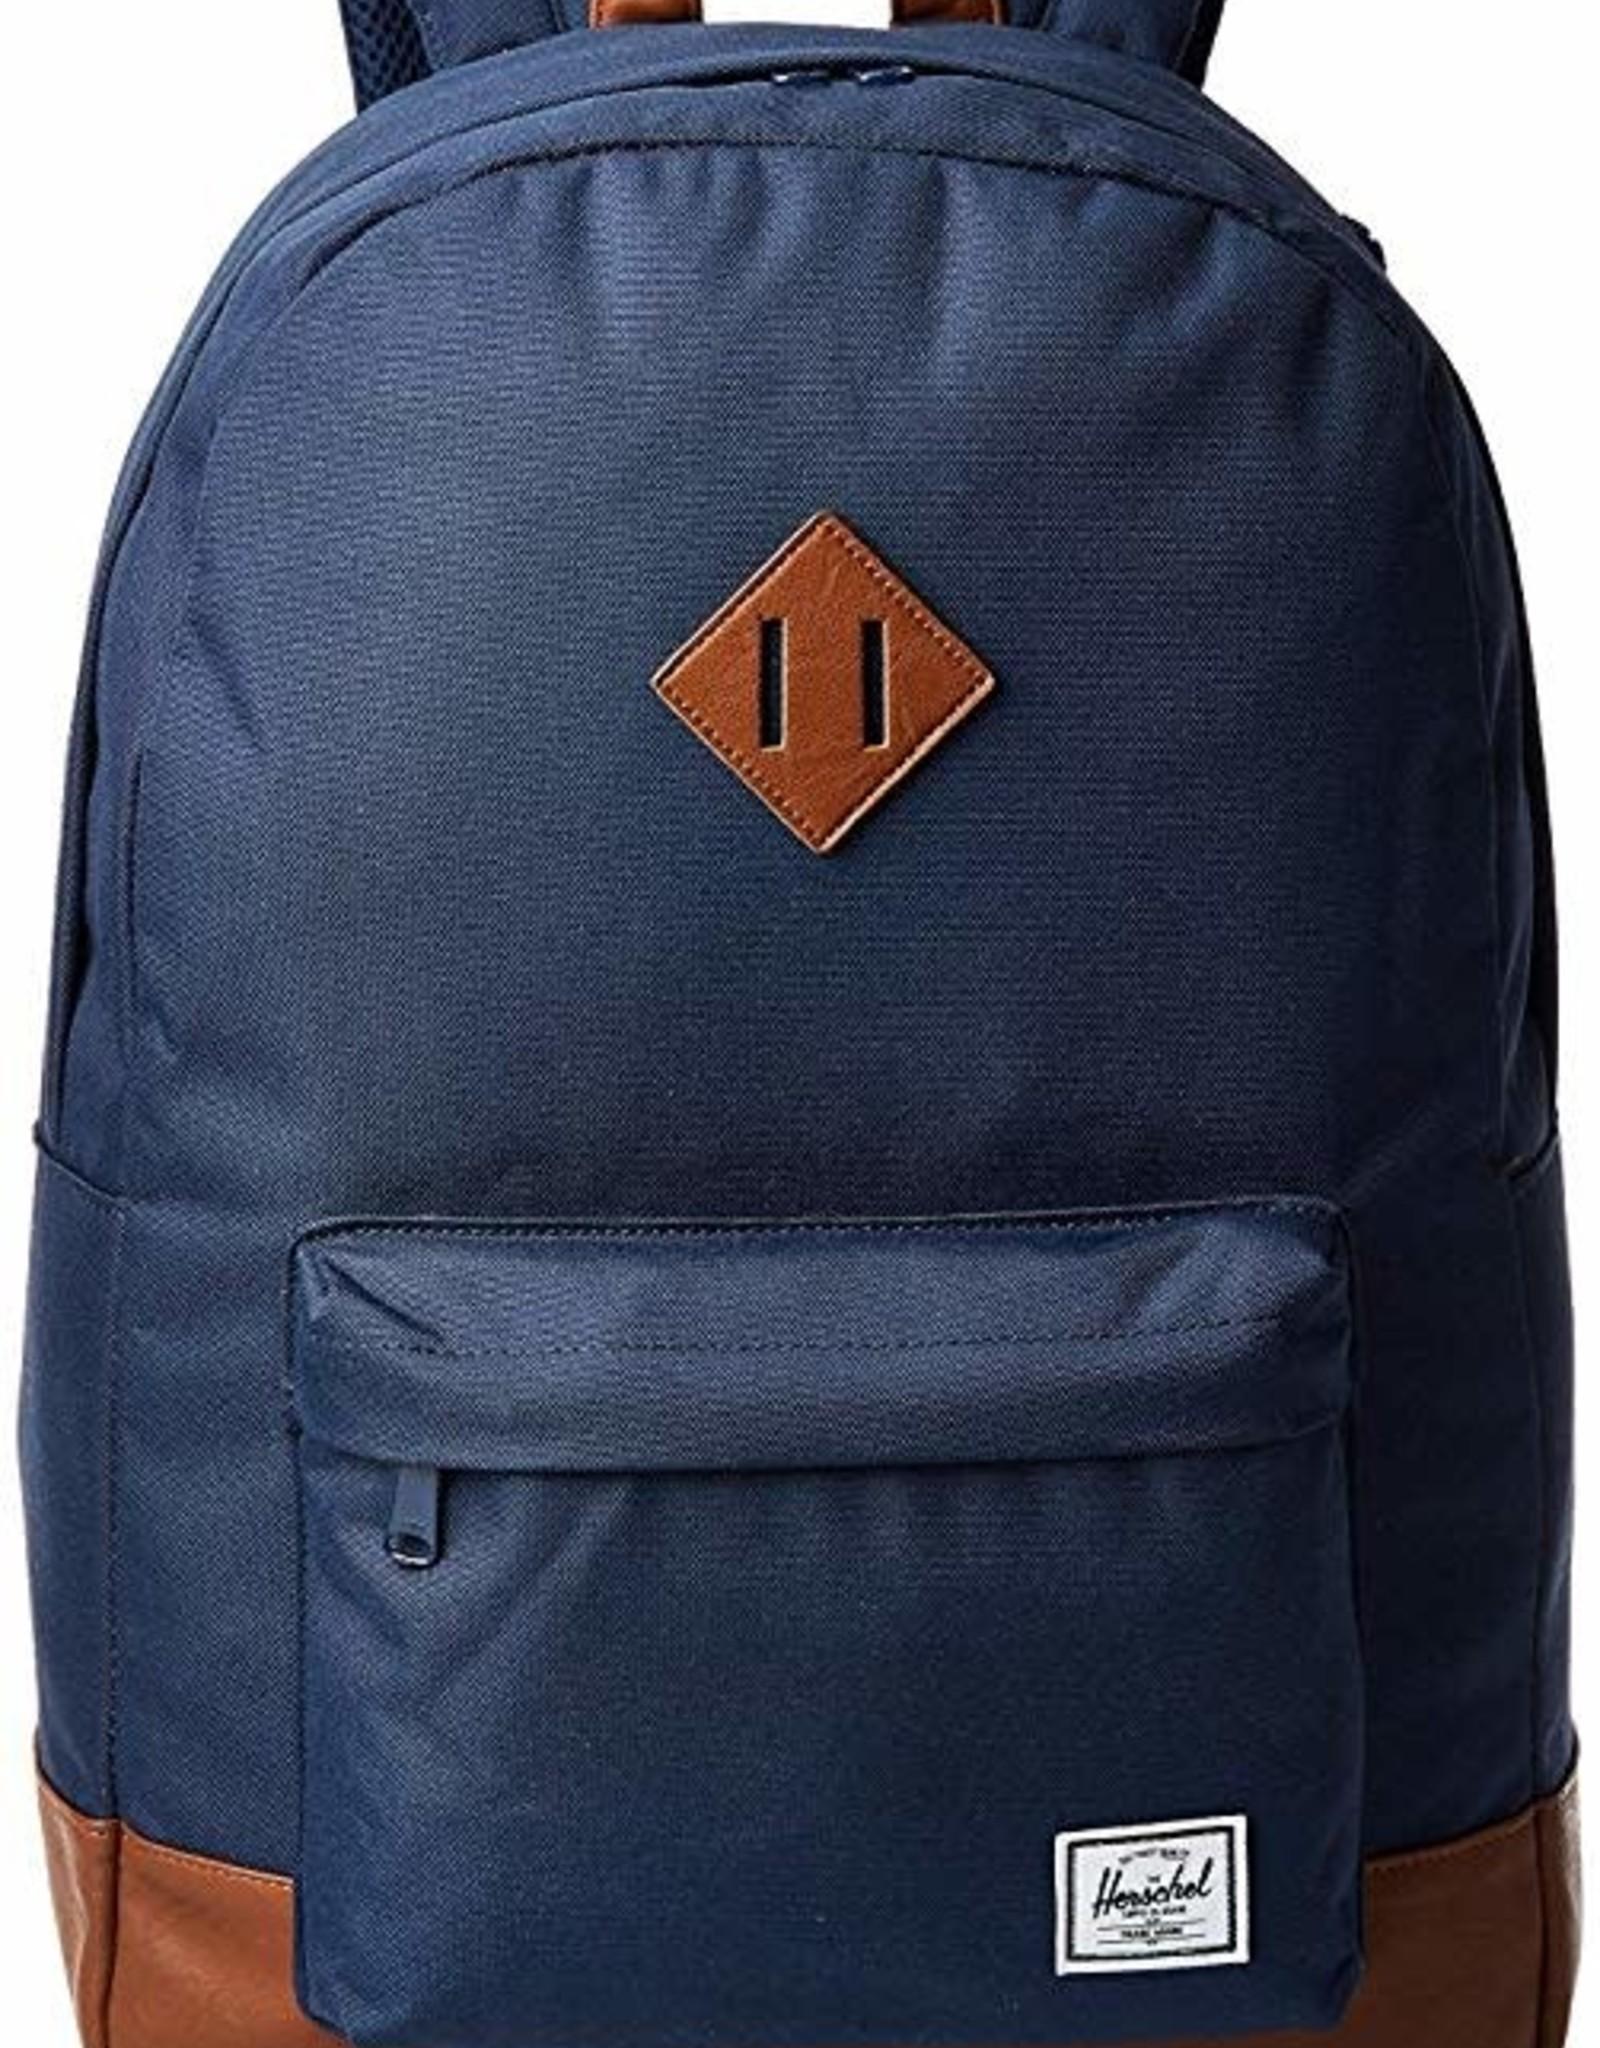 Herschel Herschel Heritage Nylon Navy Backpack